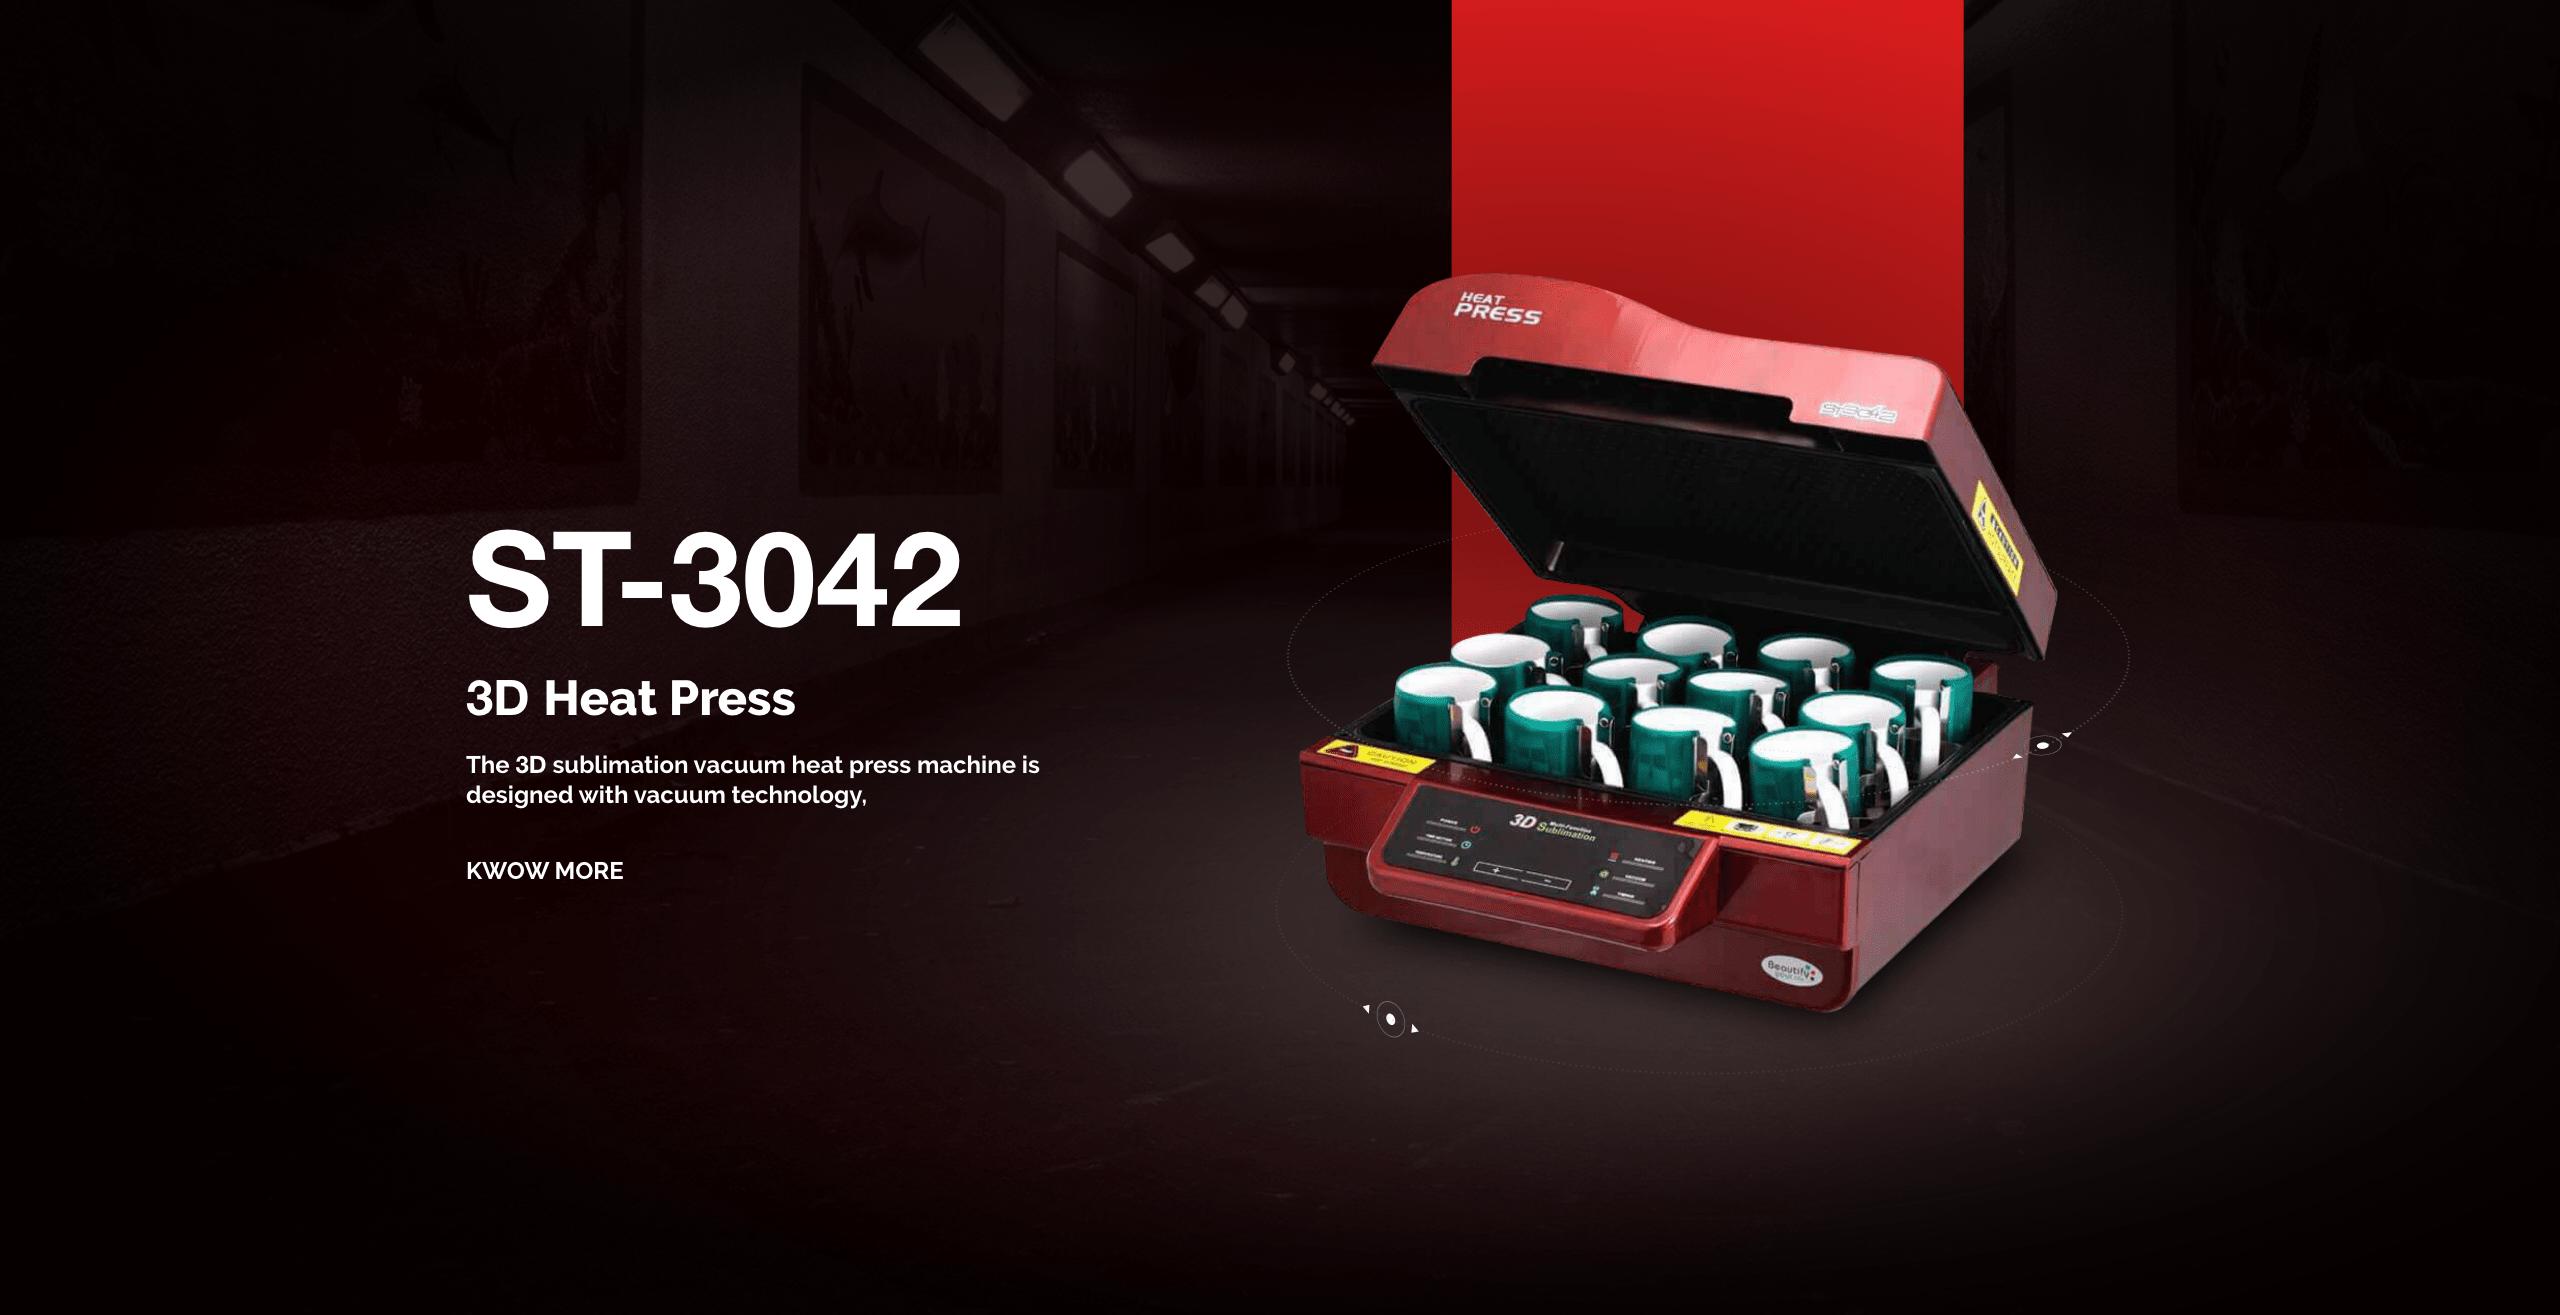 Sublimation 3D Vacuum Heat press ST-3042